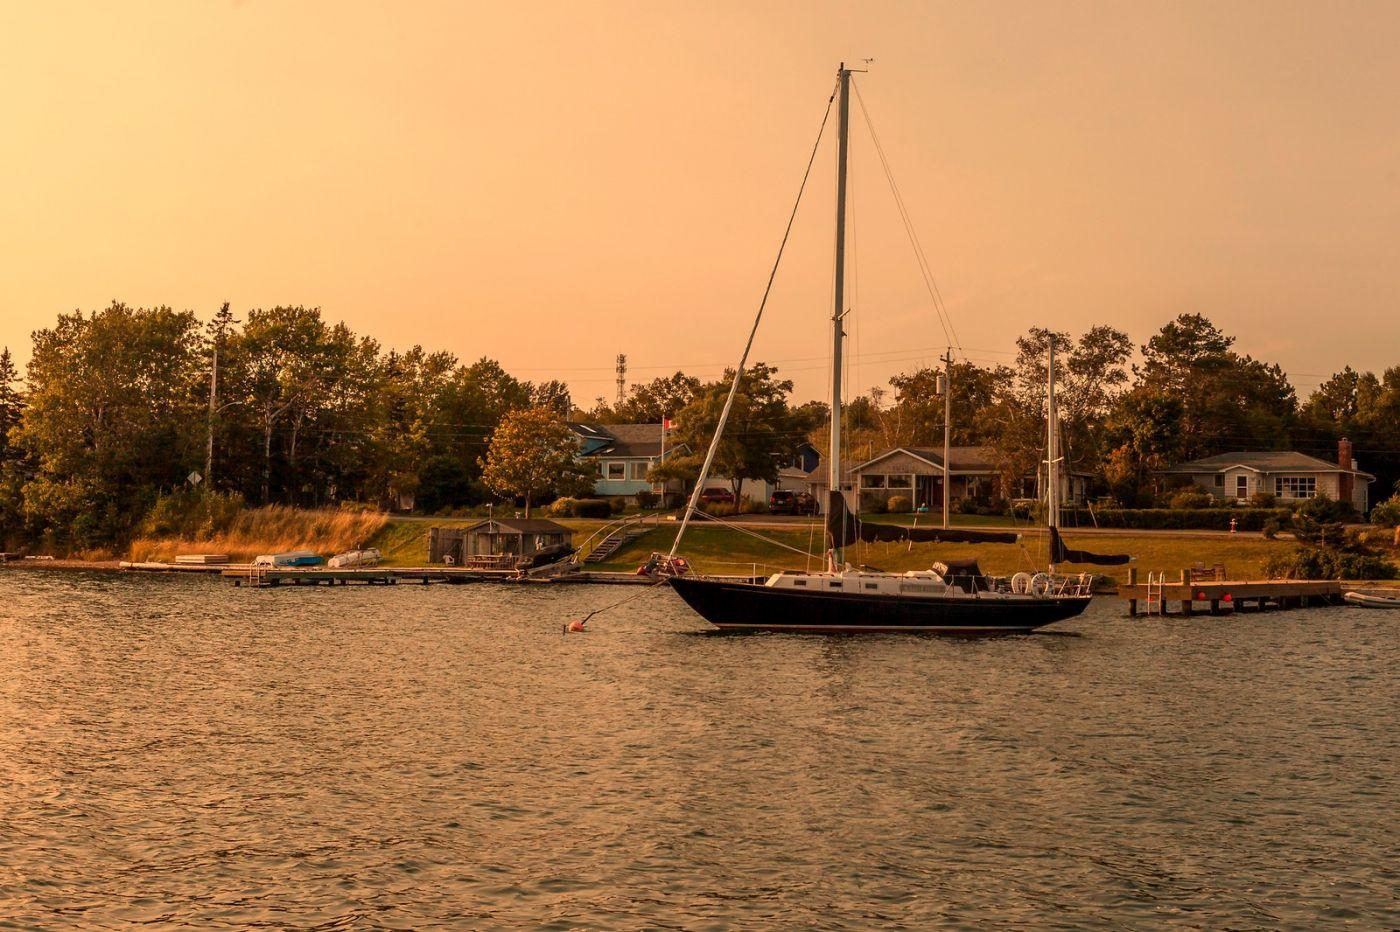 加拿大Nova Scotia, 帆船灯塔老鹰_图1-15